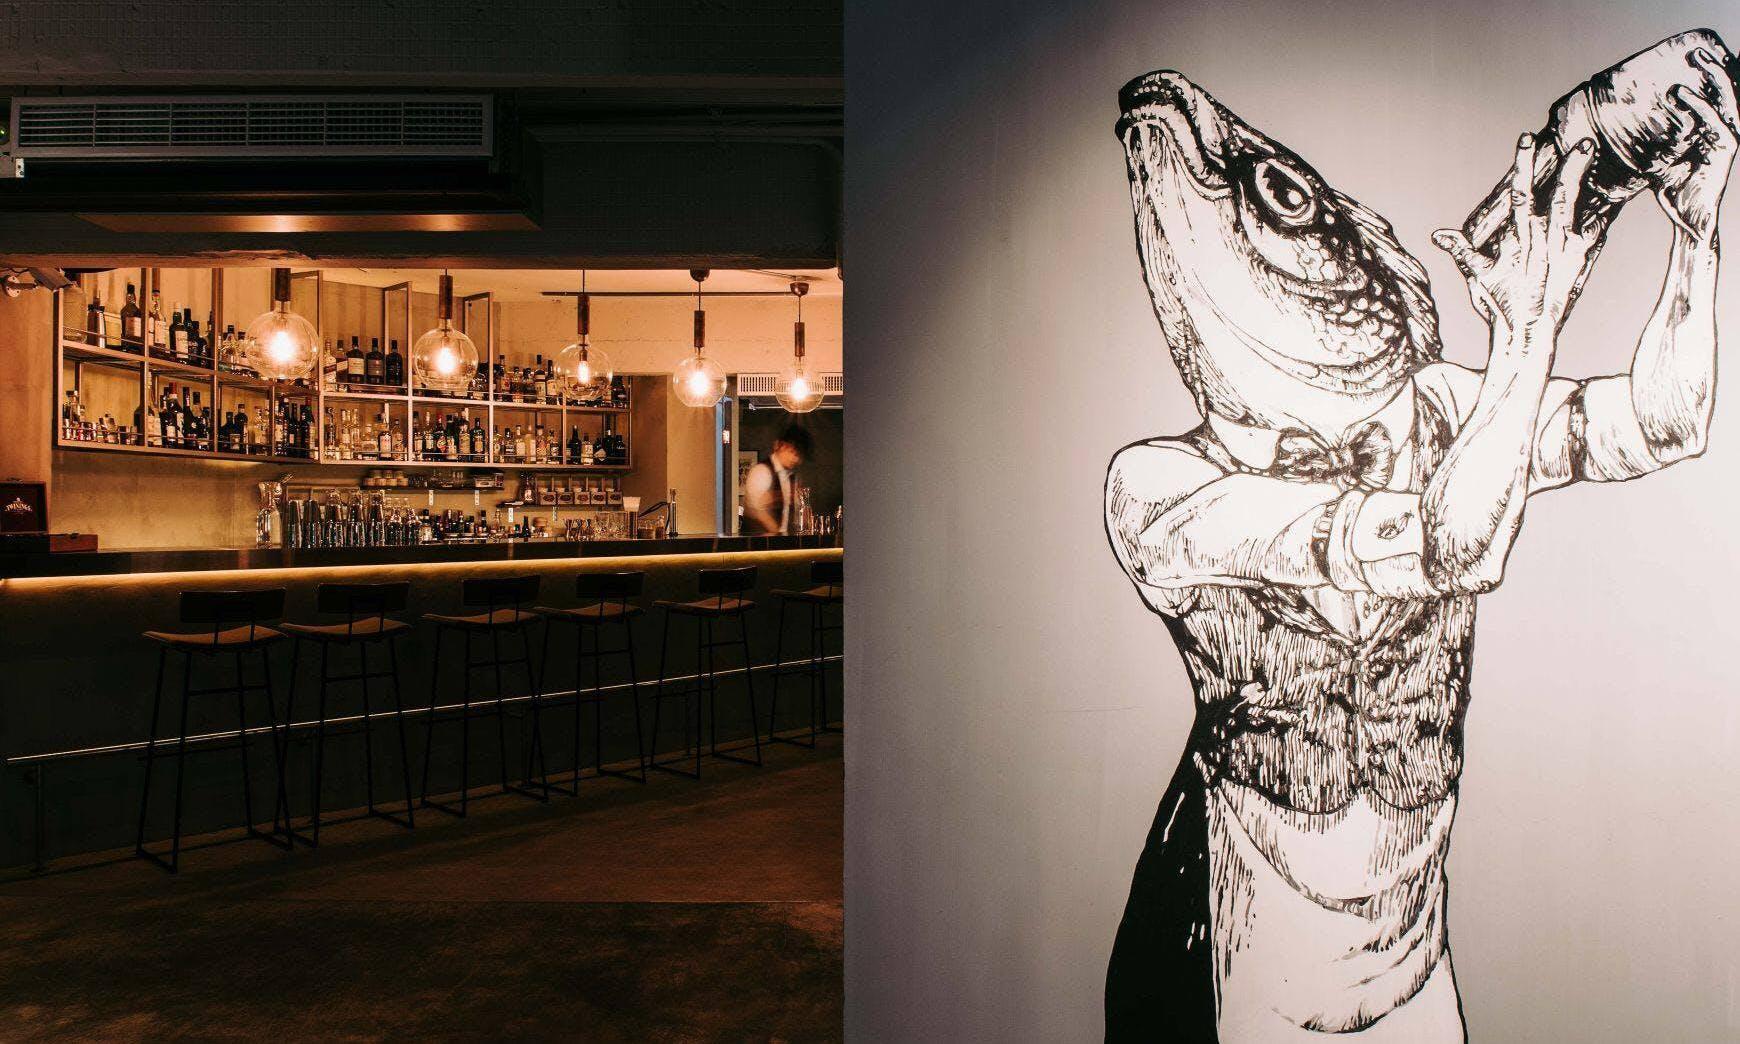 VG_seafood_bar